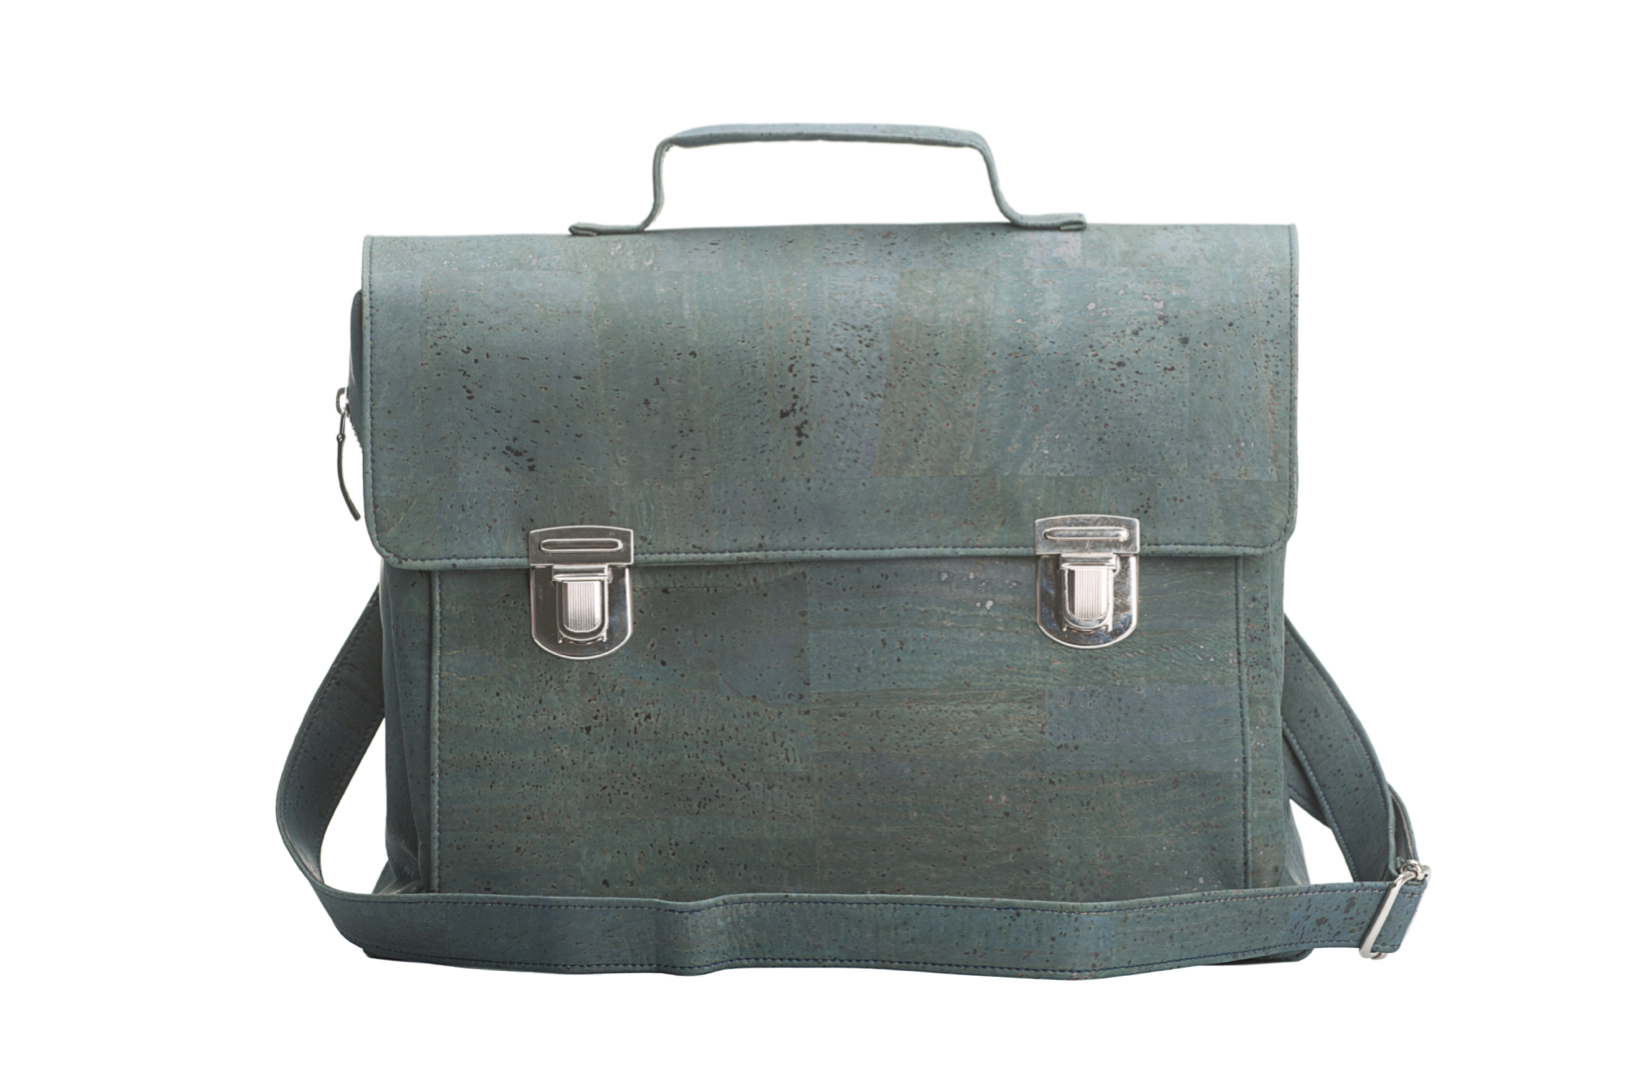 PELCOR GIF-09 Briefcase